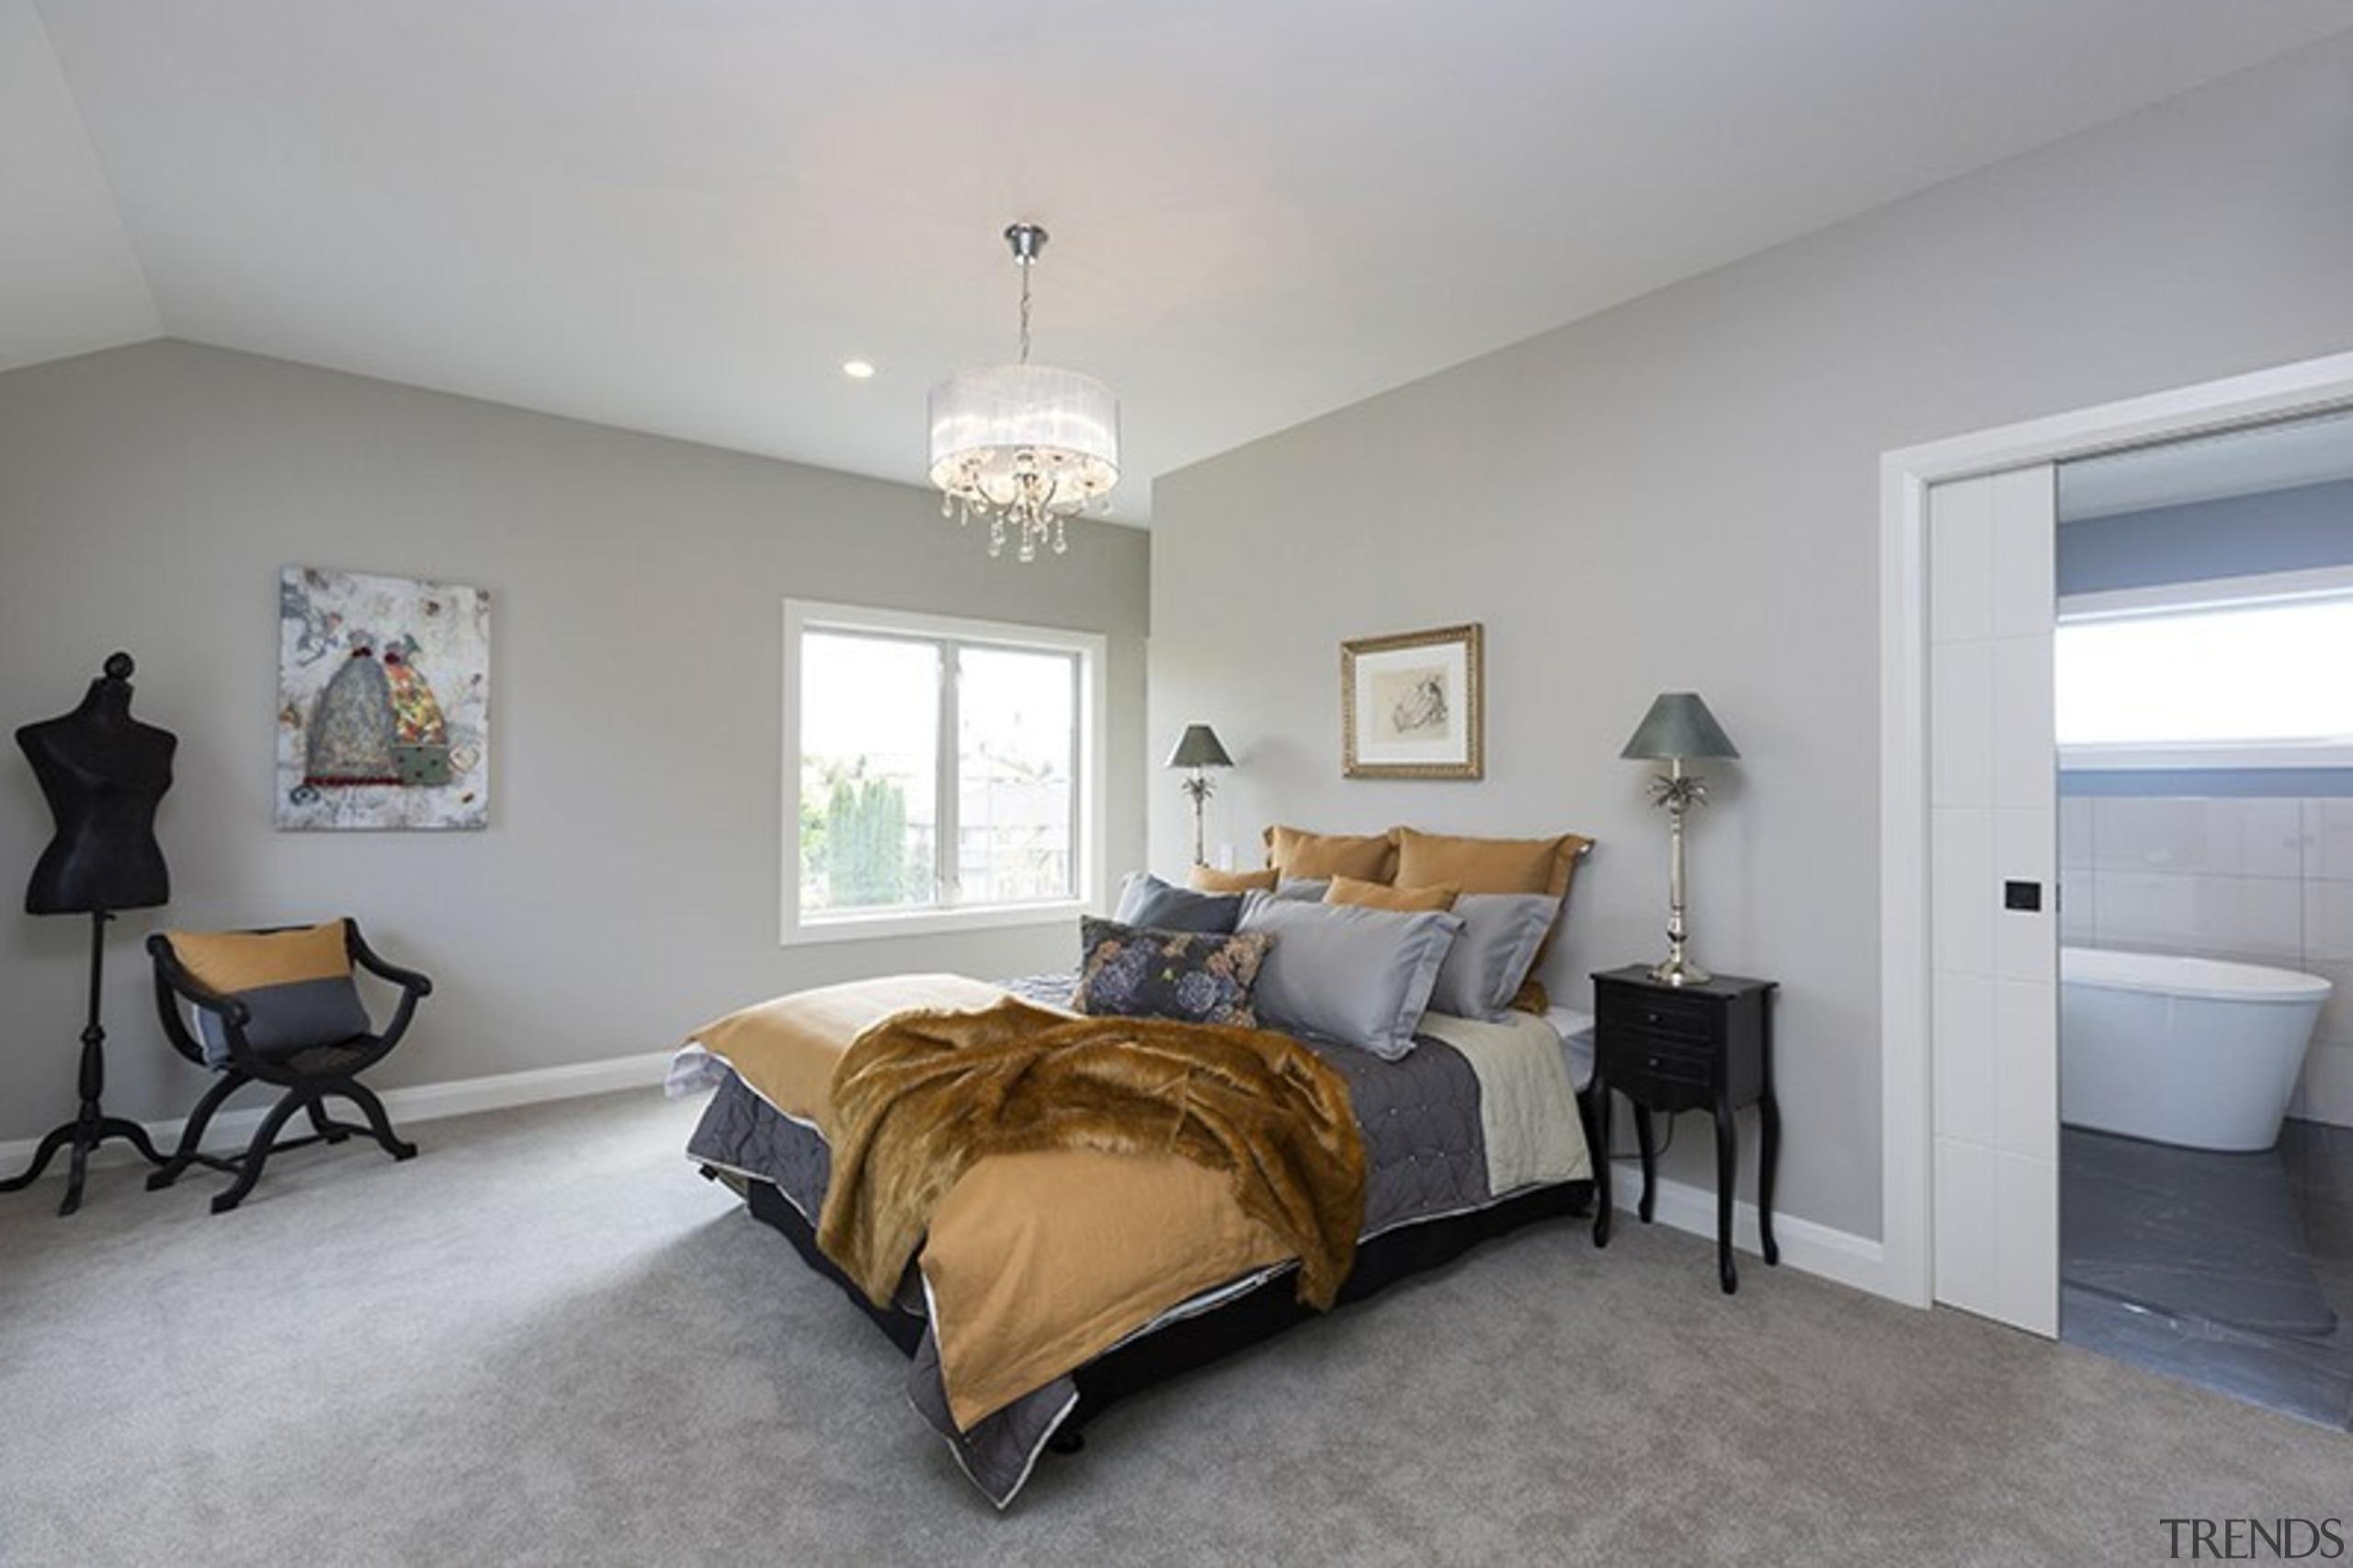 Landmark Homes Boulevard Design Master Bedroom - Landmark bed frame, bedroom, ceiling, estate, home, interior design, property, real estate, room, window, gray